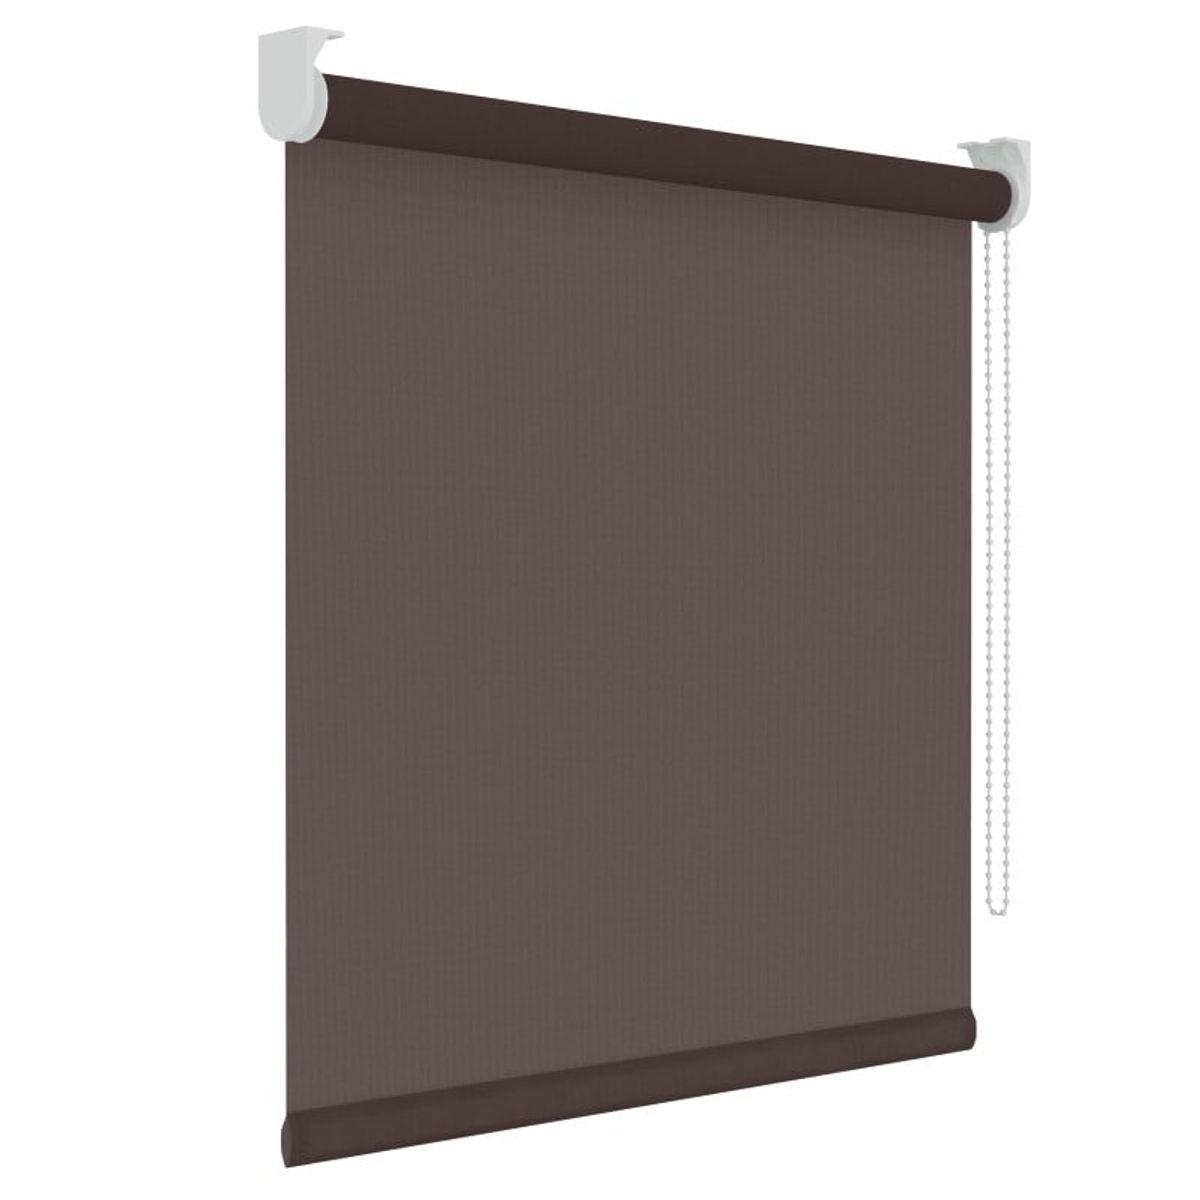 Rolgordijn - Lichtdoorlatend - Chocoladebruin - 210cm x 190cm